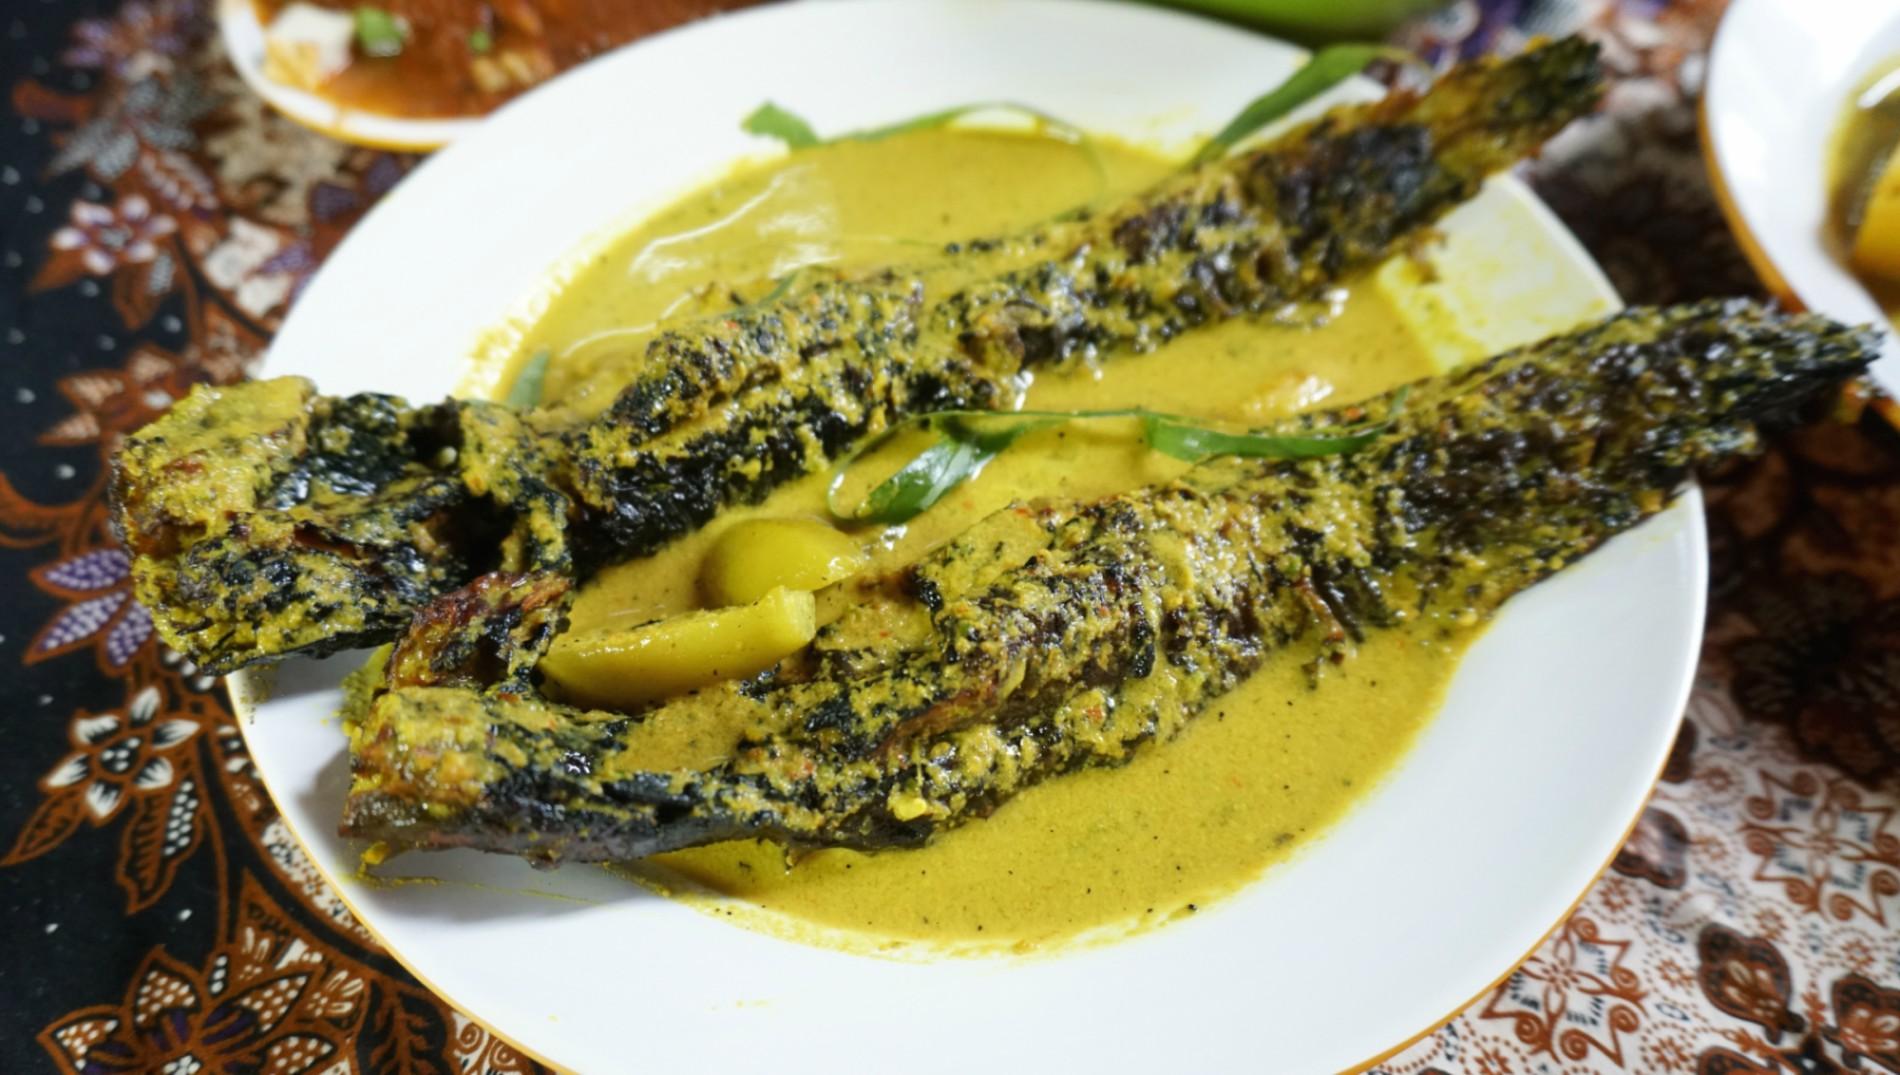 Resepi Gulai Lemak Ikan Keli Salai